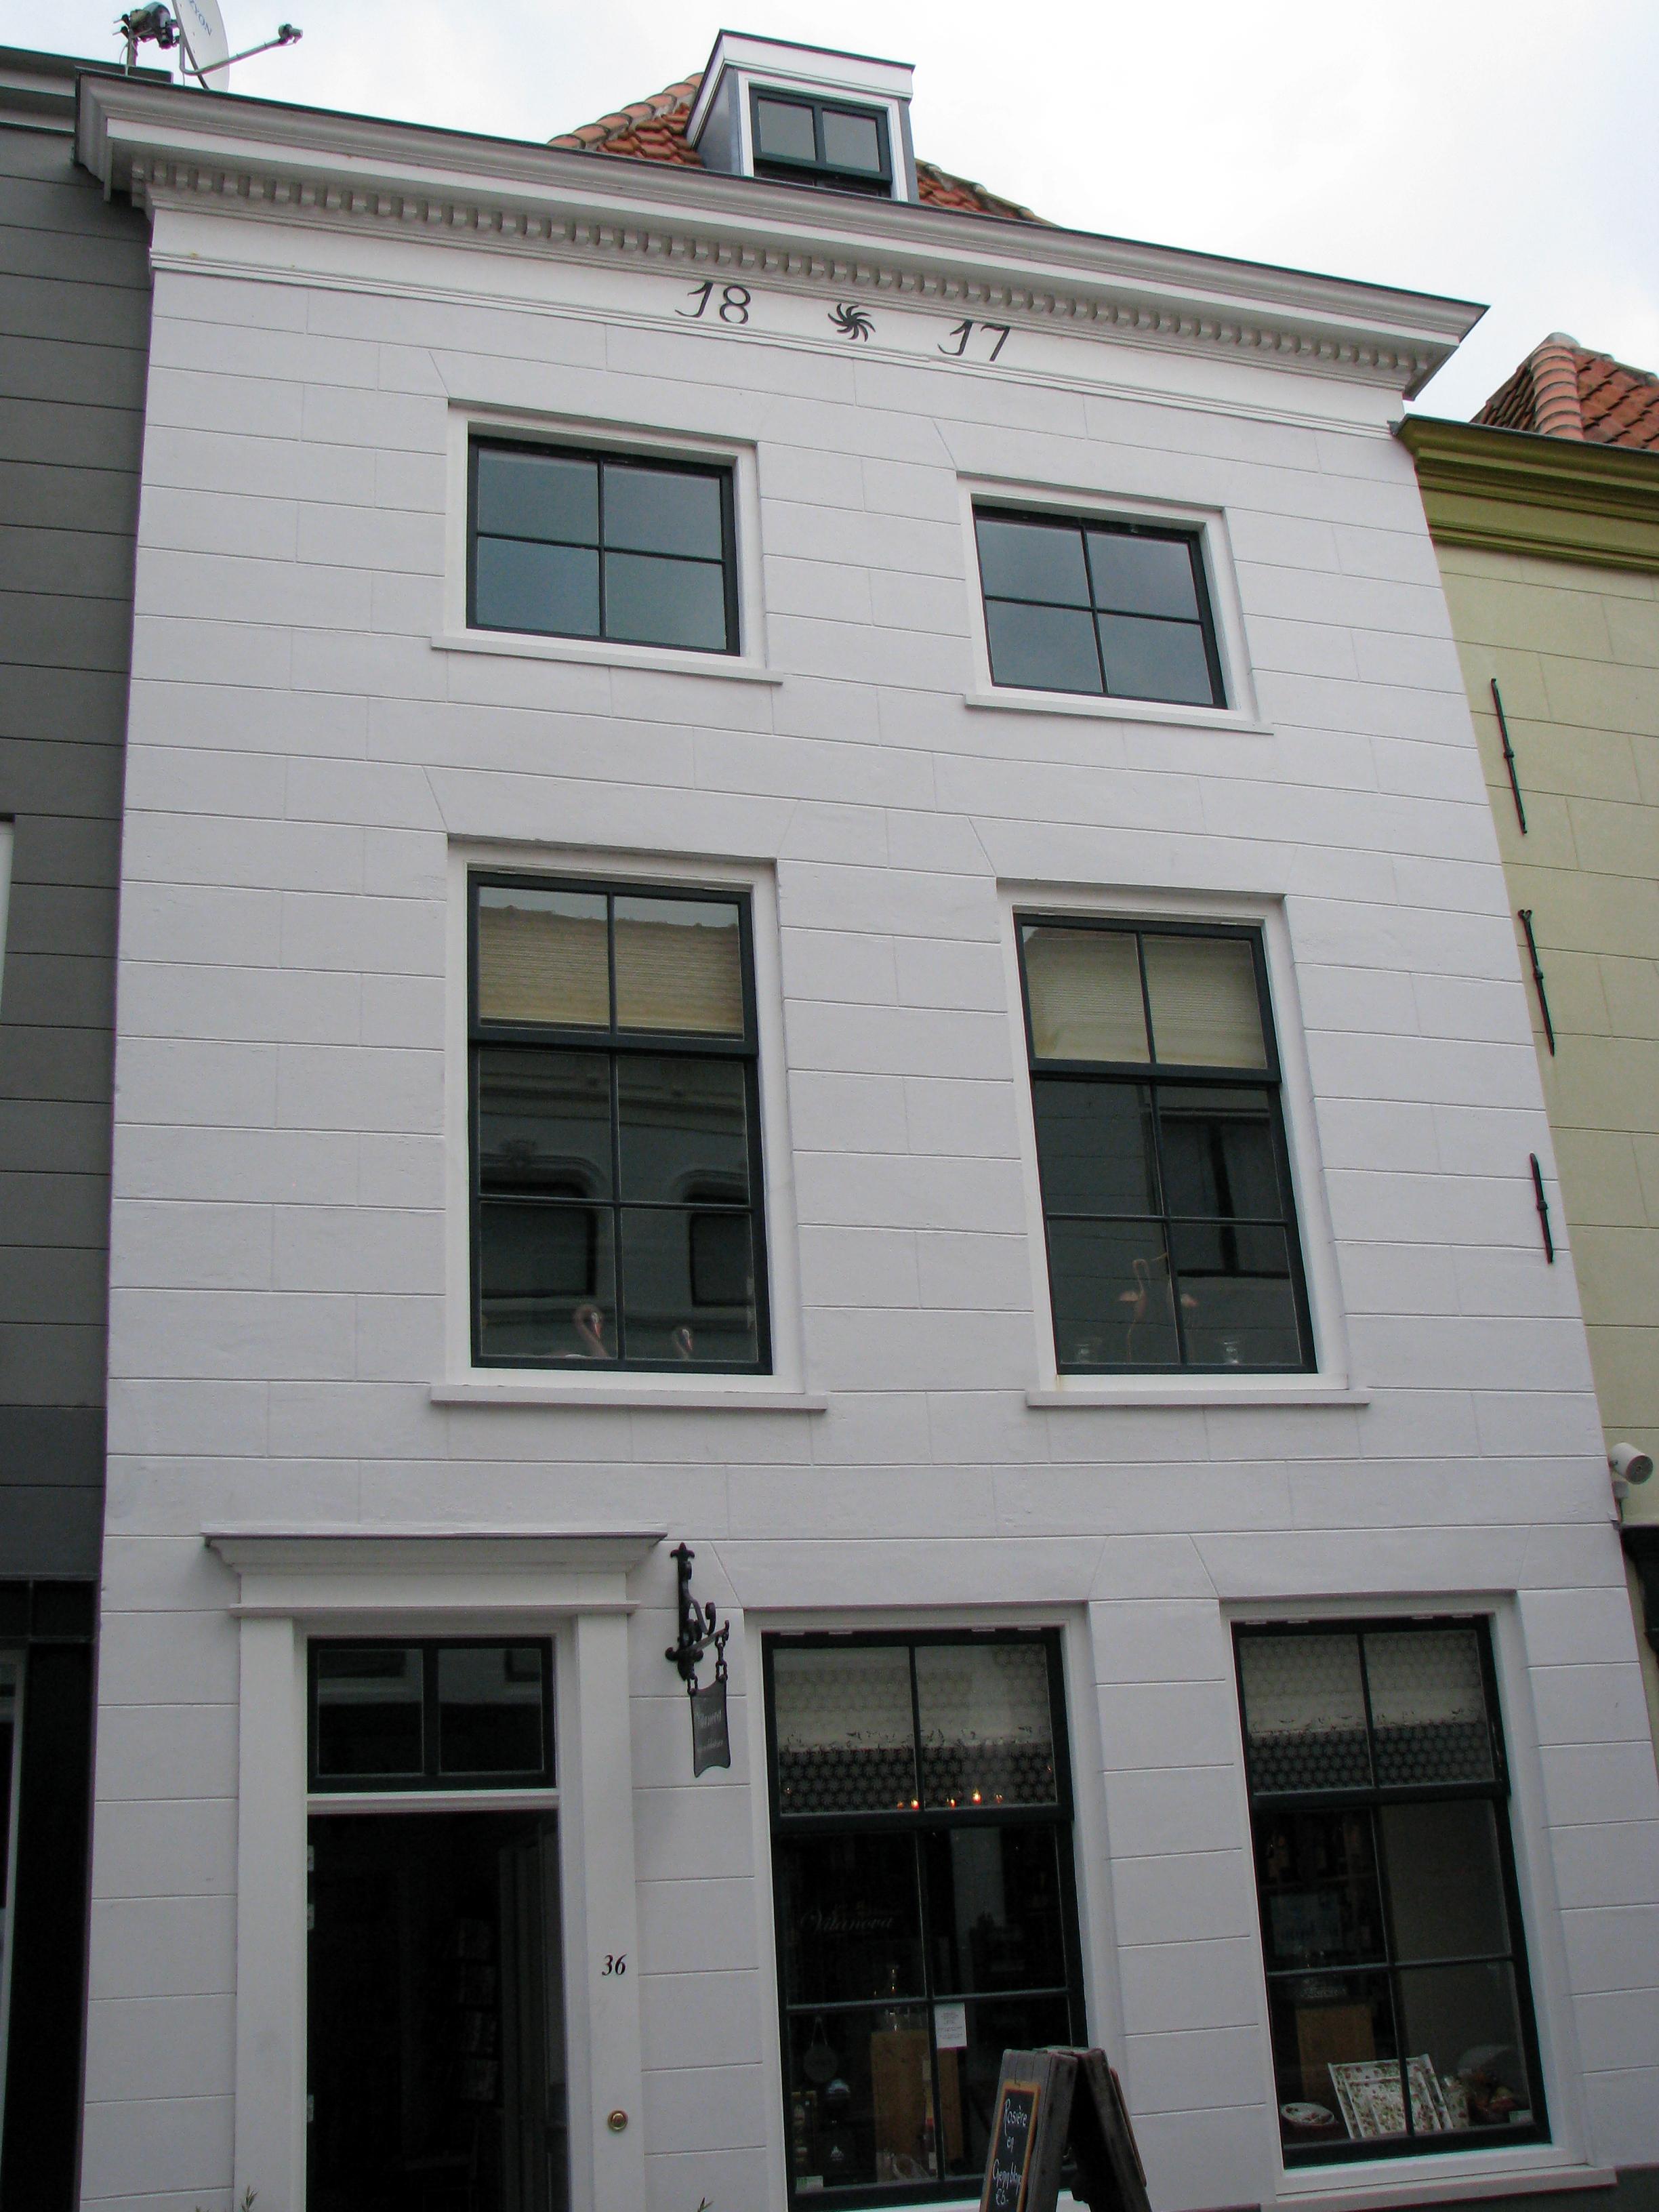 Huis met gepleisterde lijstgevel lijst voorzien van for Lijst inrichting huis